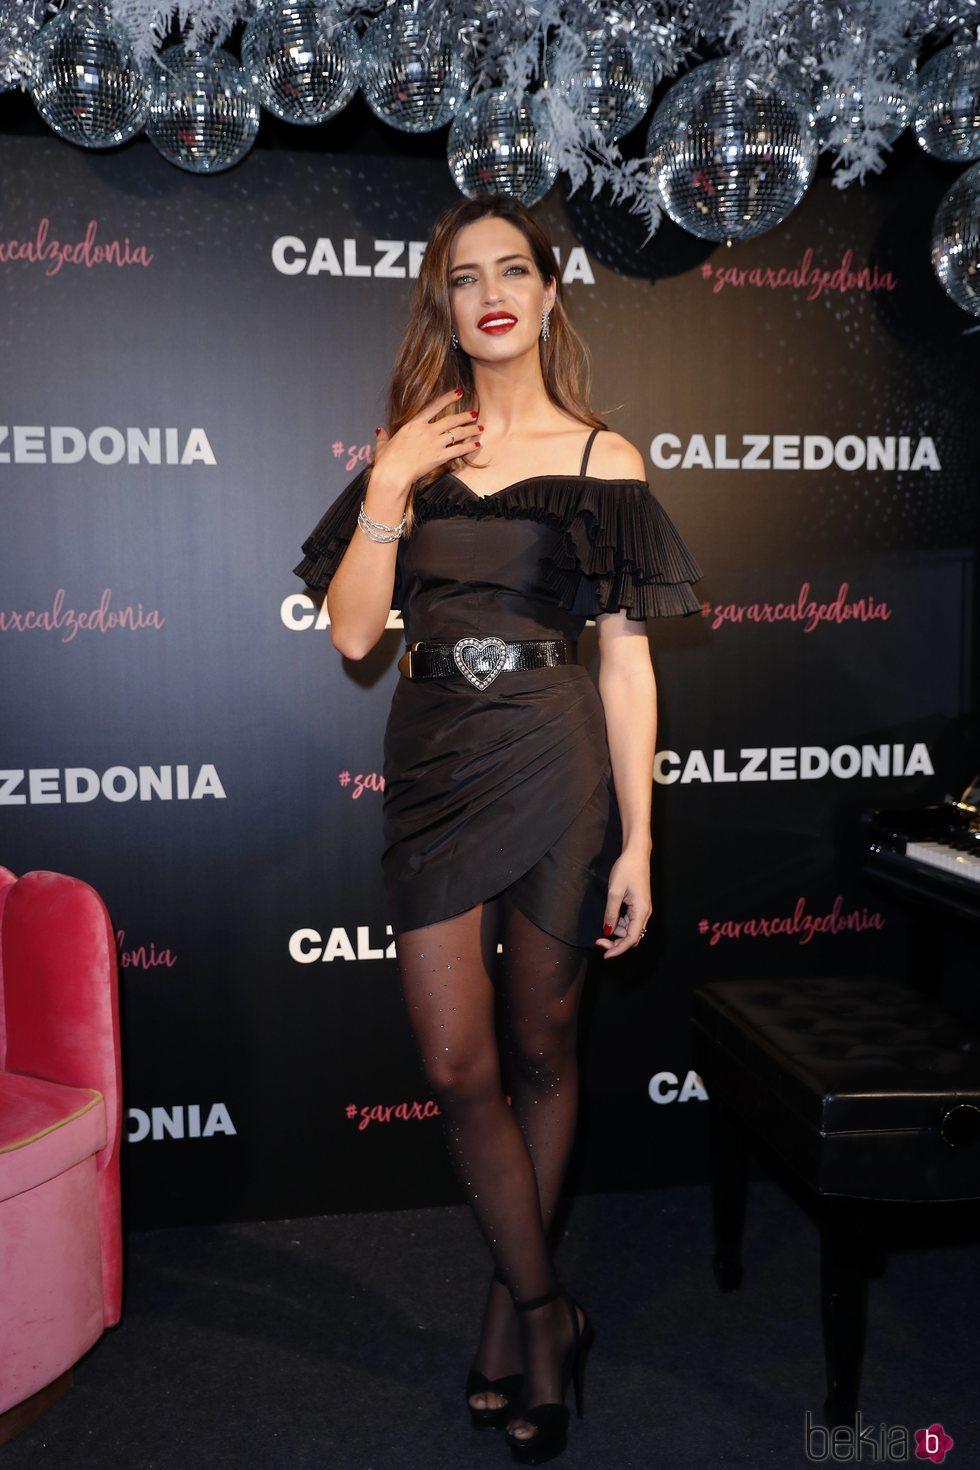 Sara Carbonero presenta la nueva colección de Calzedonia con un look total black